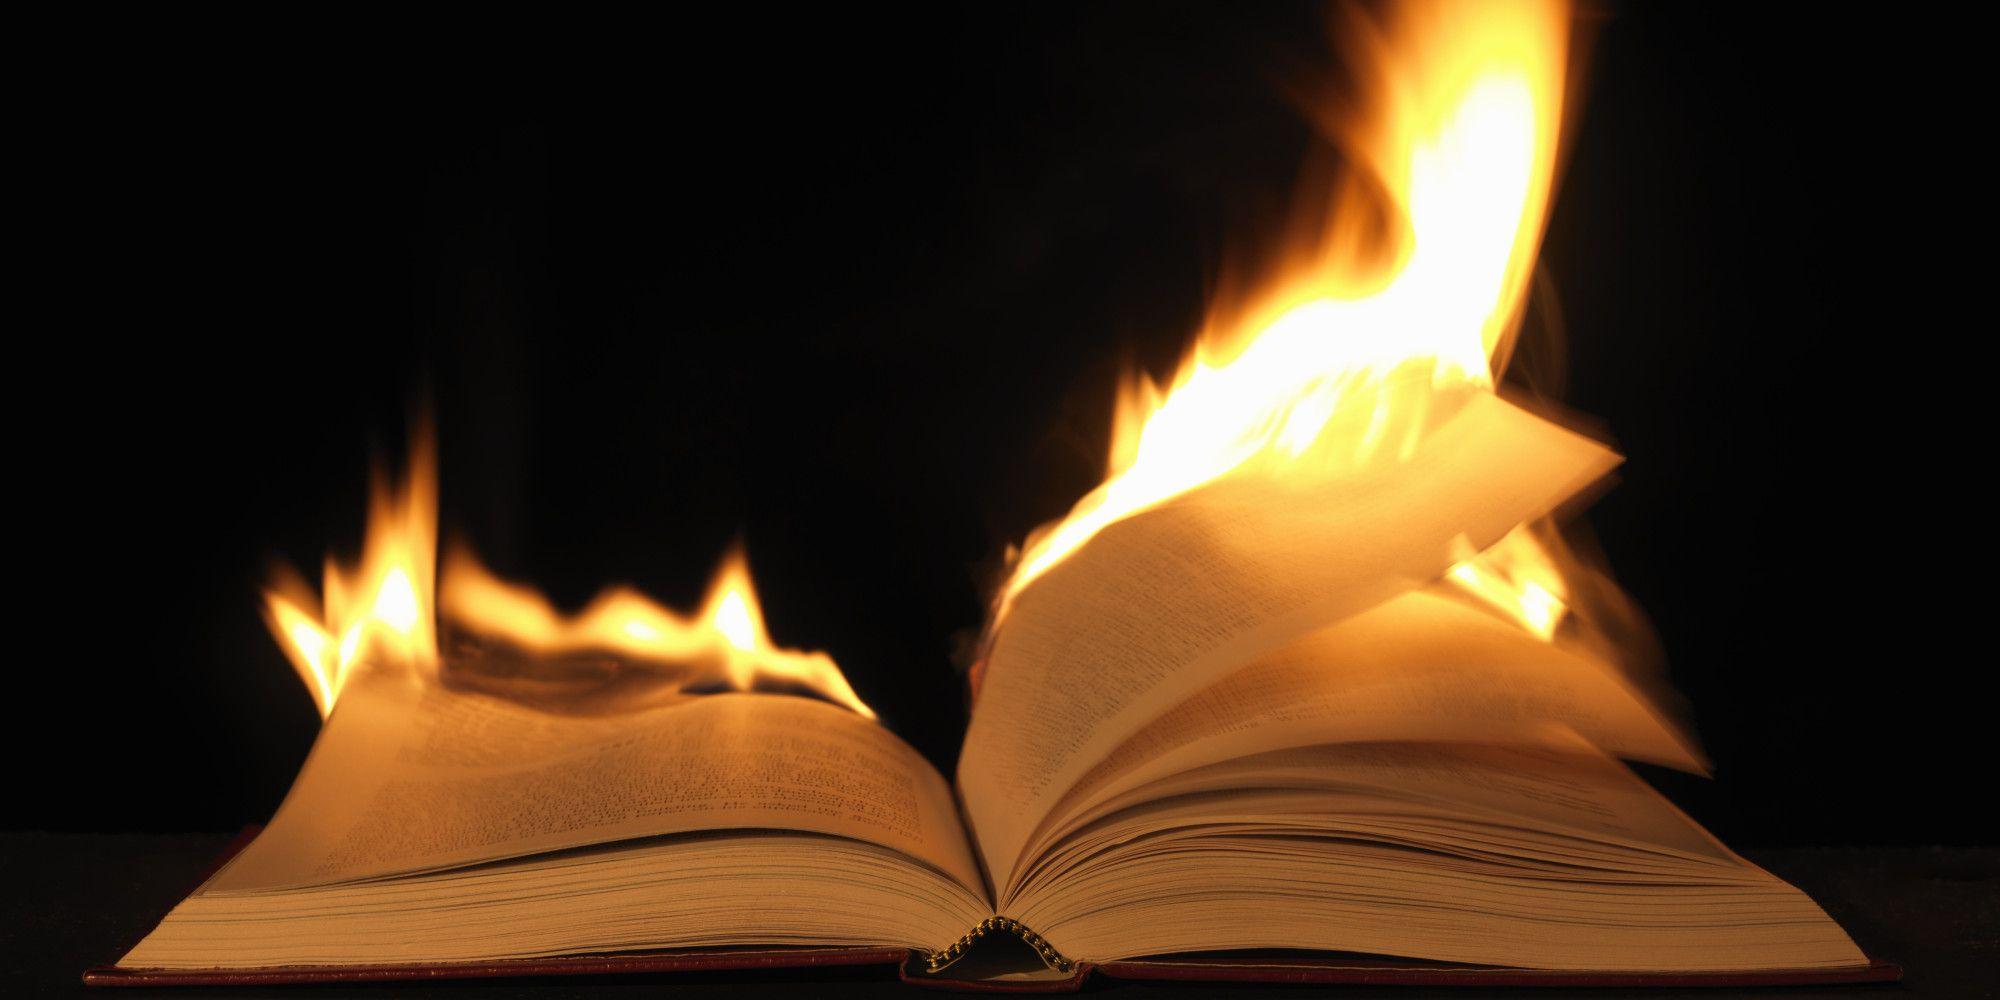 Los 24 libros más temidos de todos los tiempos